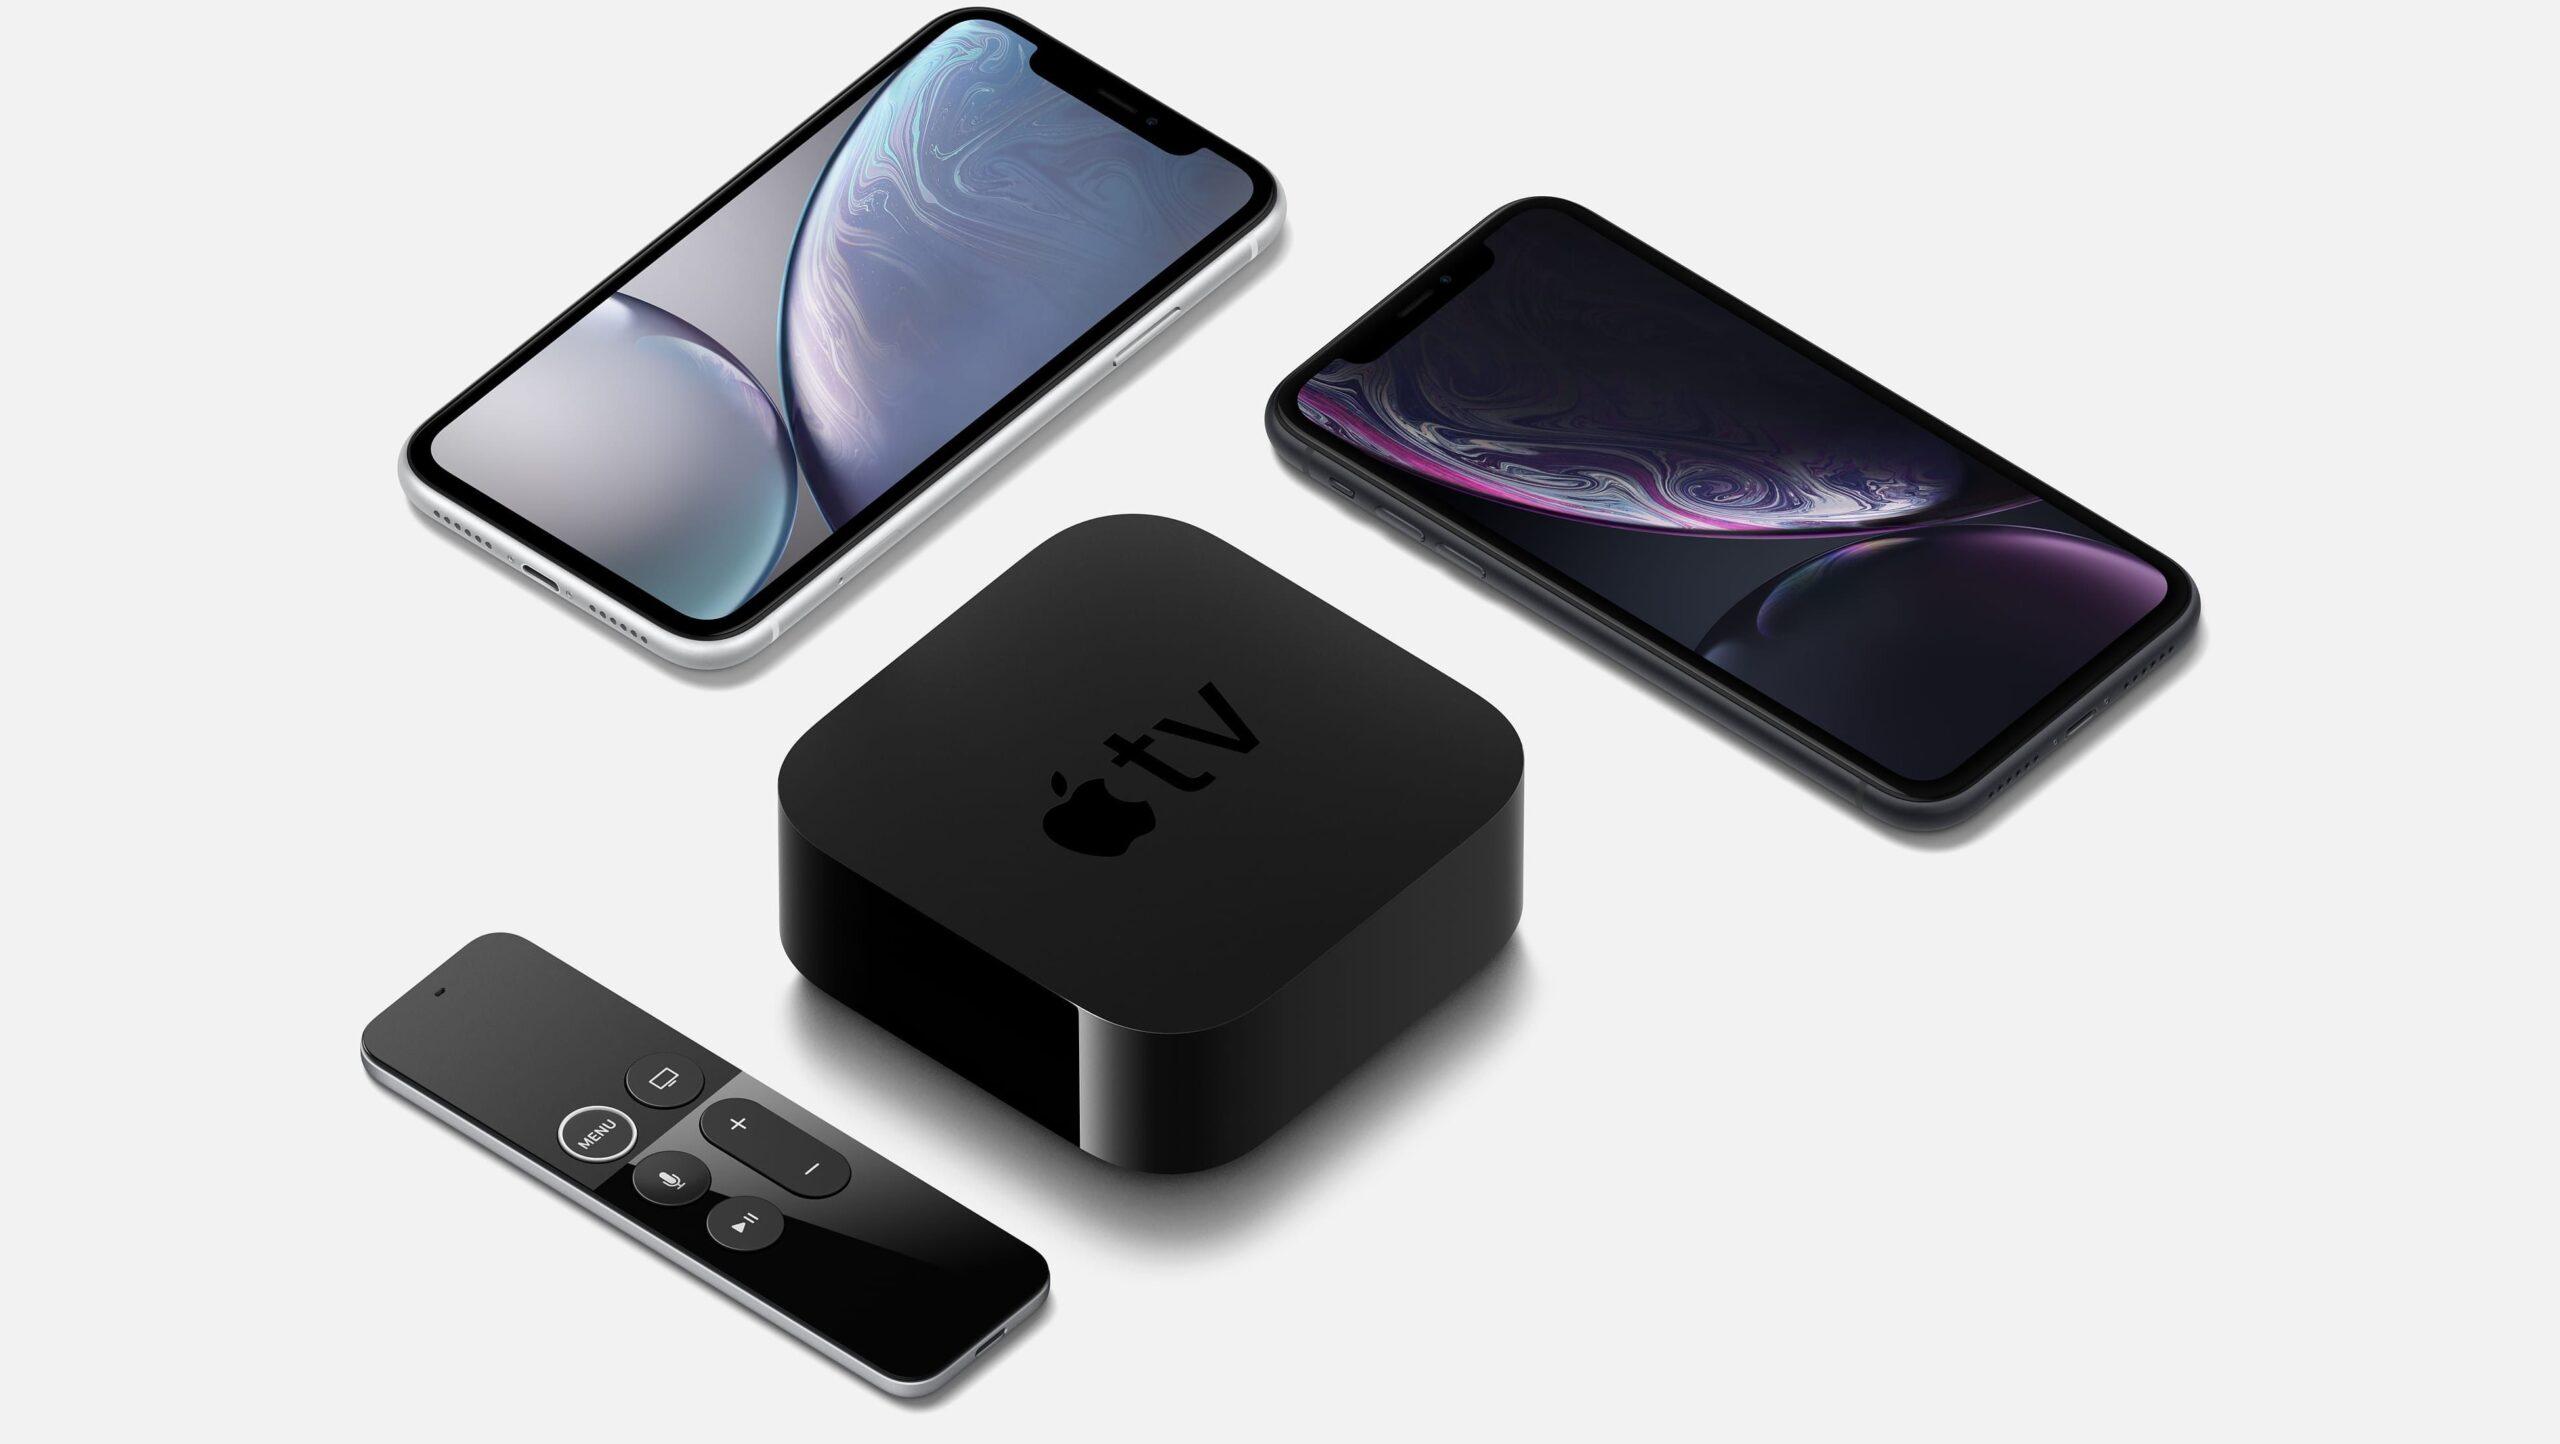 Produtos diversos da Apple em ângulo - iPhone XR branco e preto e Apple TV com Siri Remote